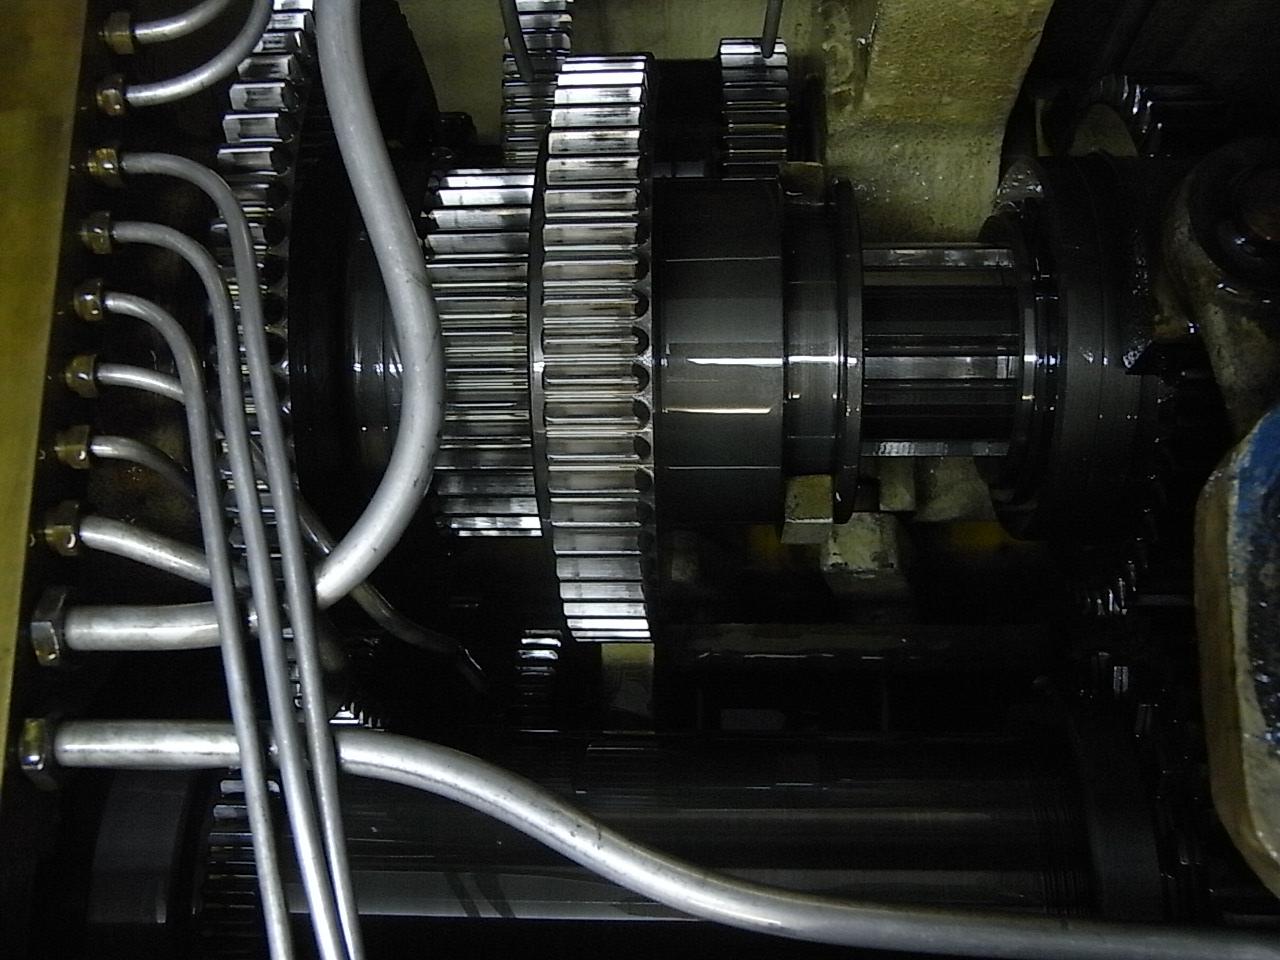 RIMG5058.JPG 1280×960 349K